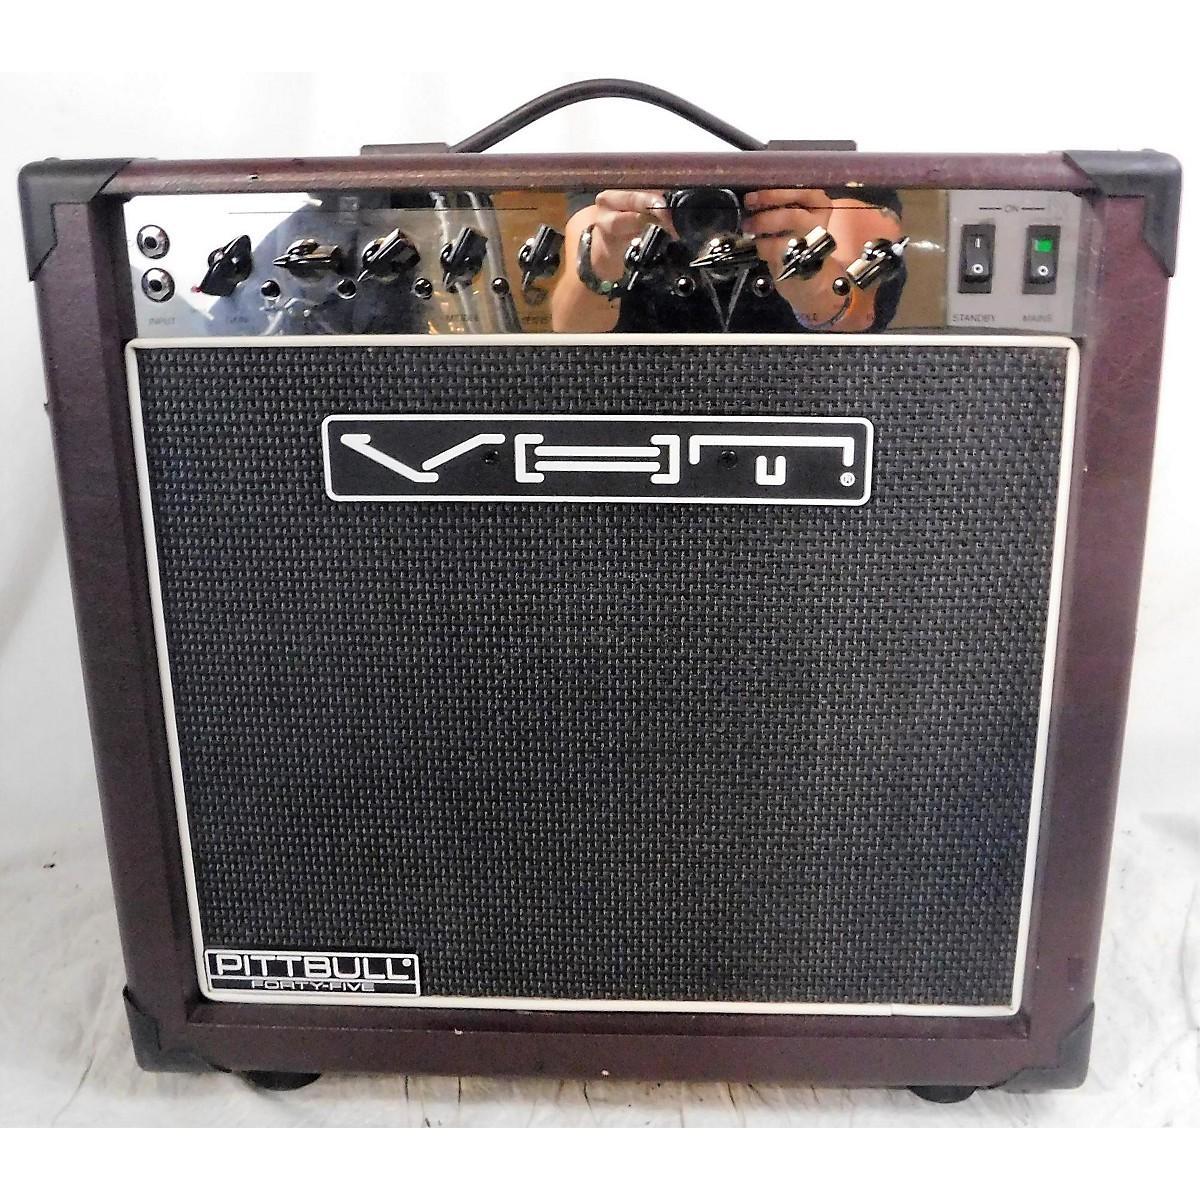 VHT Pittbull C-5084-t Tube Guitar Combo Amp